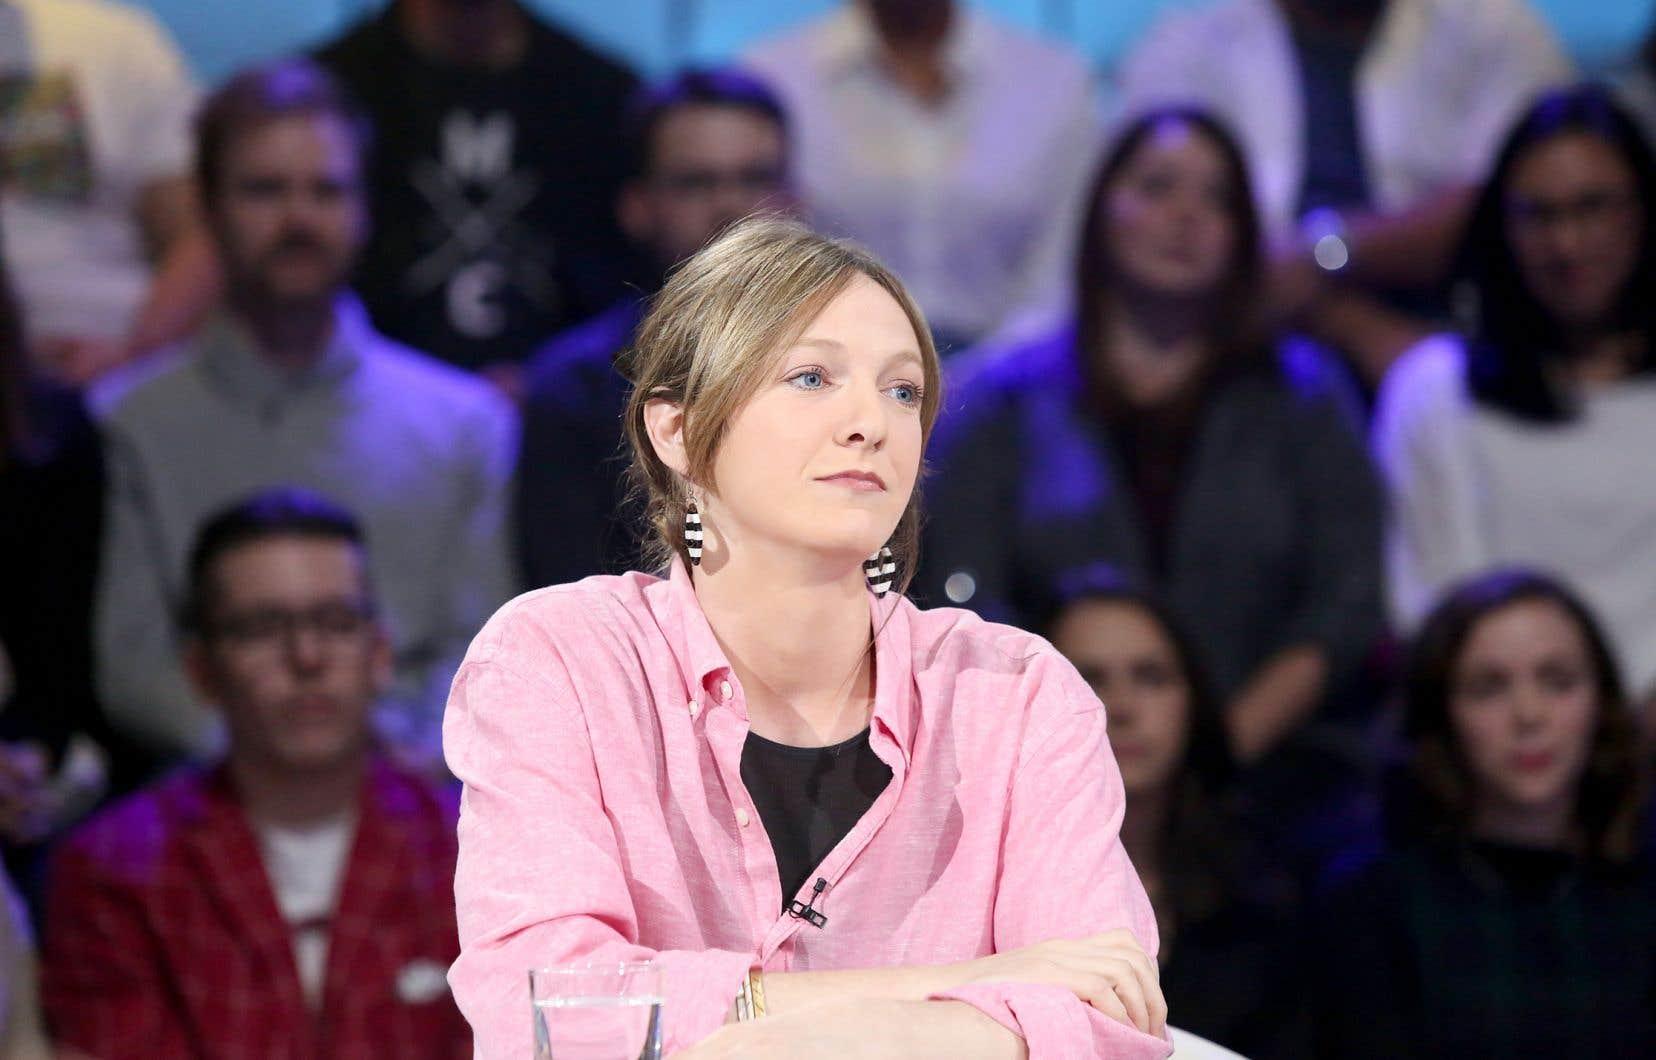 La député solidaire Catherine Dorion a défendu son choix vestimentaire à l'Assemblée nationale lors de son passage à l'émission «Tout le monde en parle», dimanche dernier.